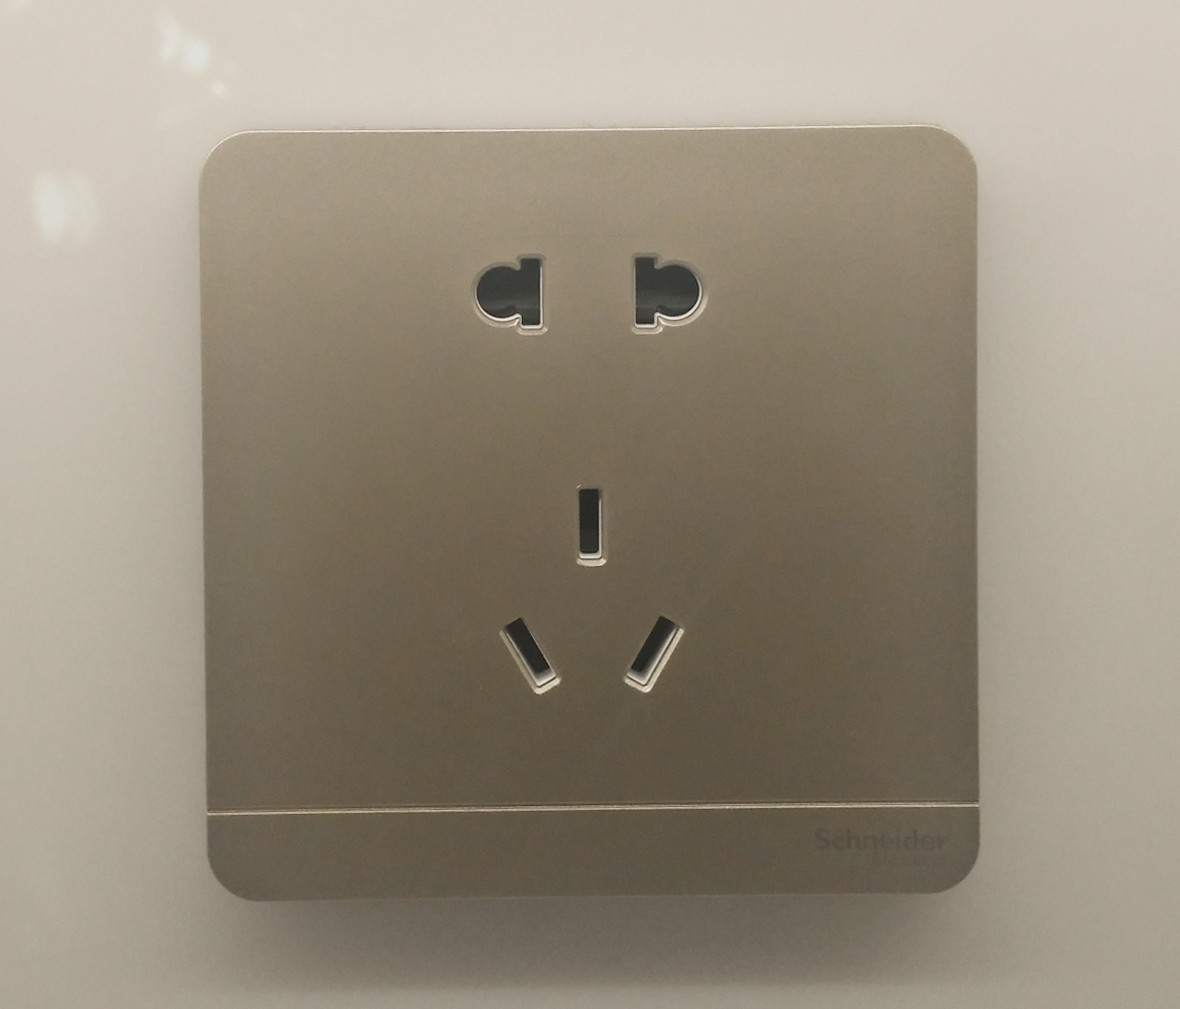 施耐德 蓝韵系列 五孔插座 PC材质 耐高温 防漏电 安全插座 实拍